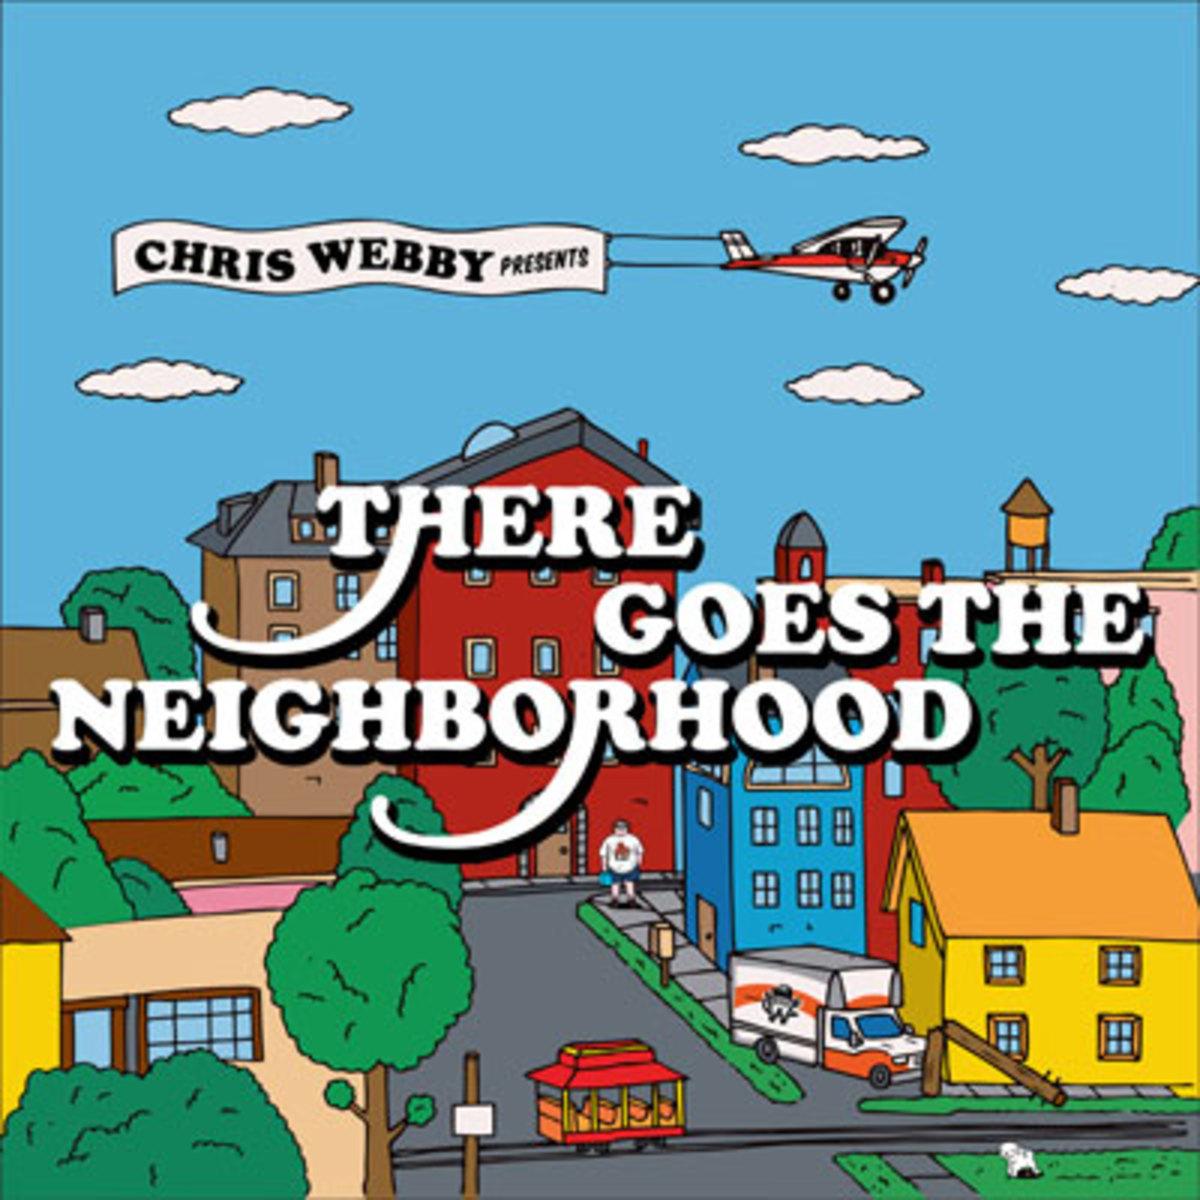 chriswebby-theregoes.jpg